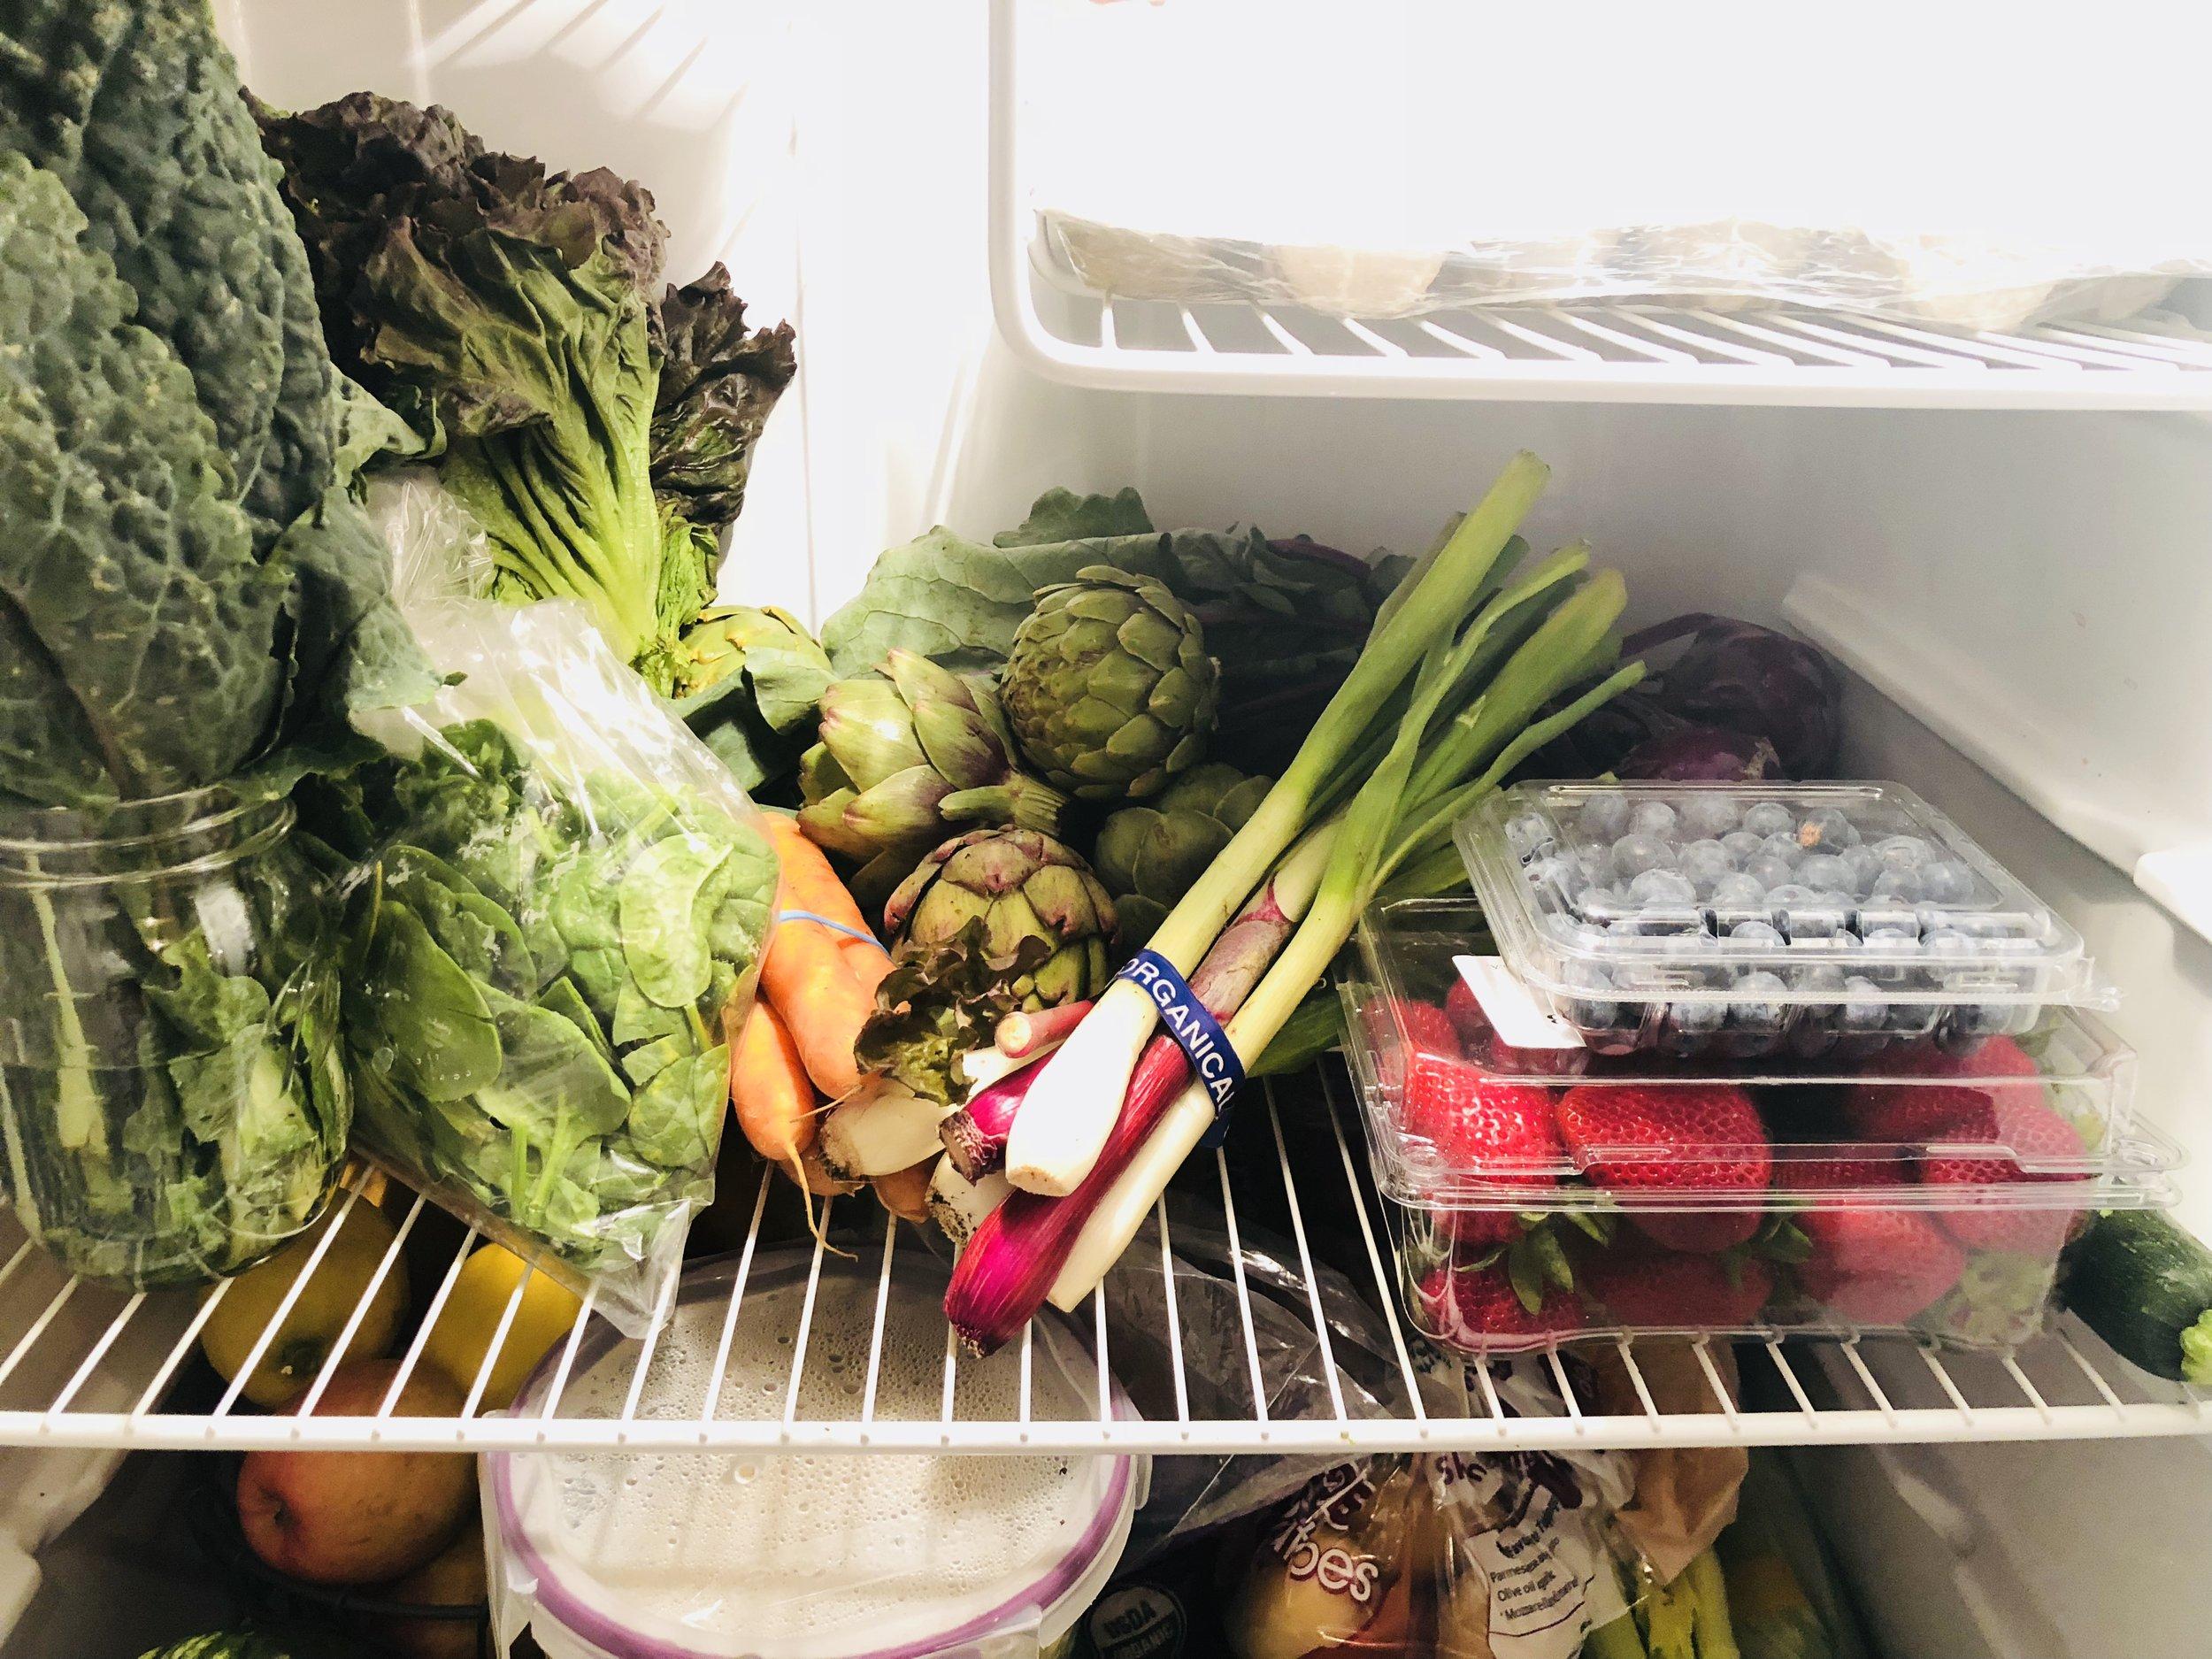 The produce in my fridge.